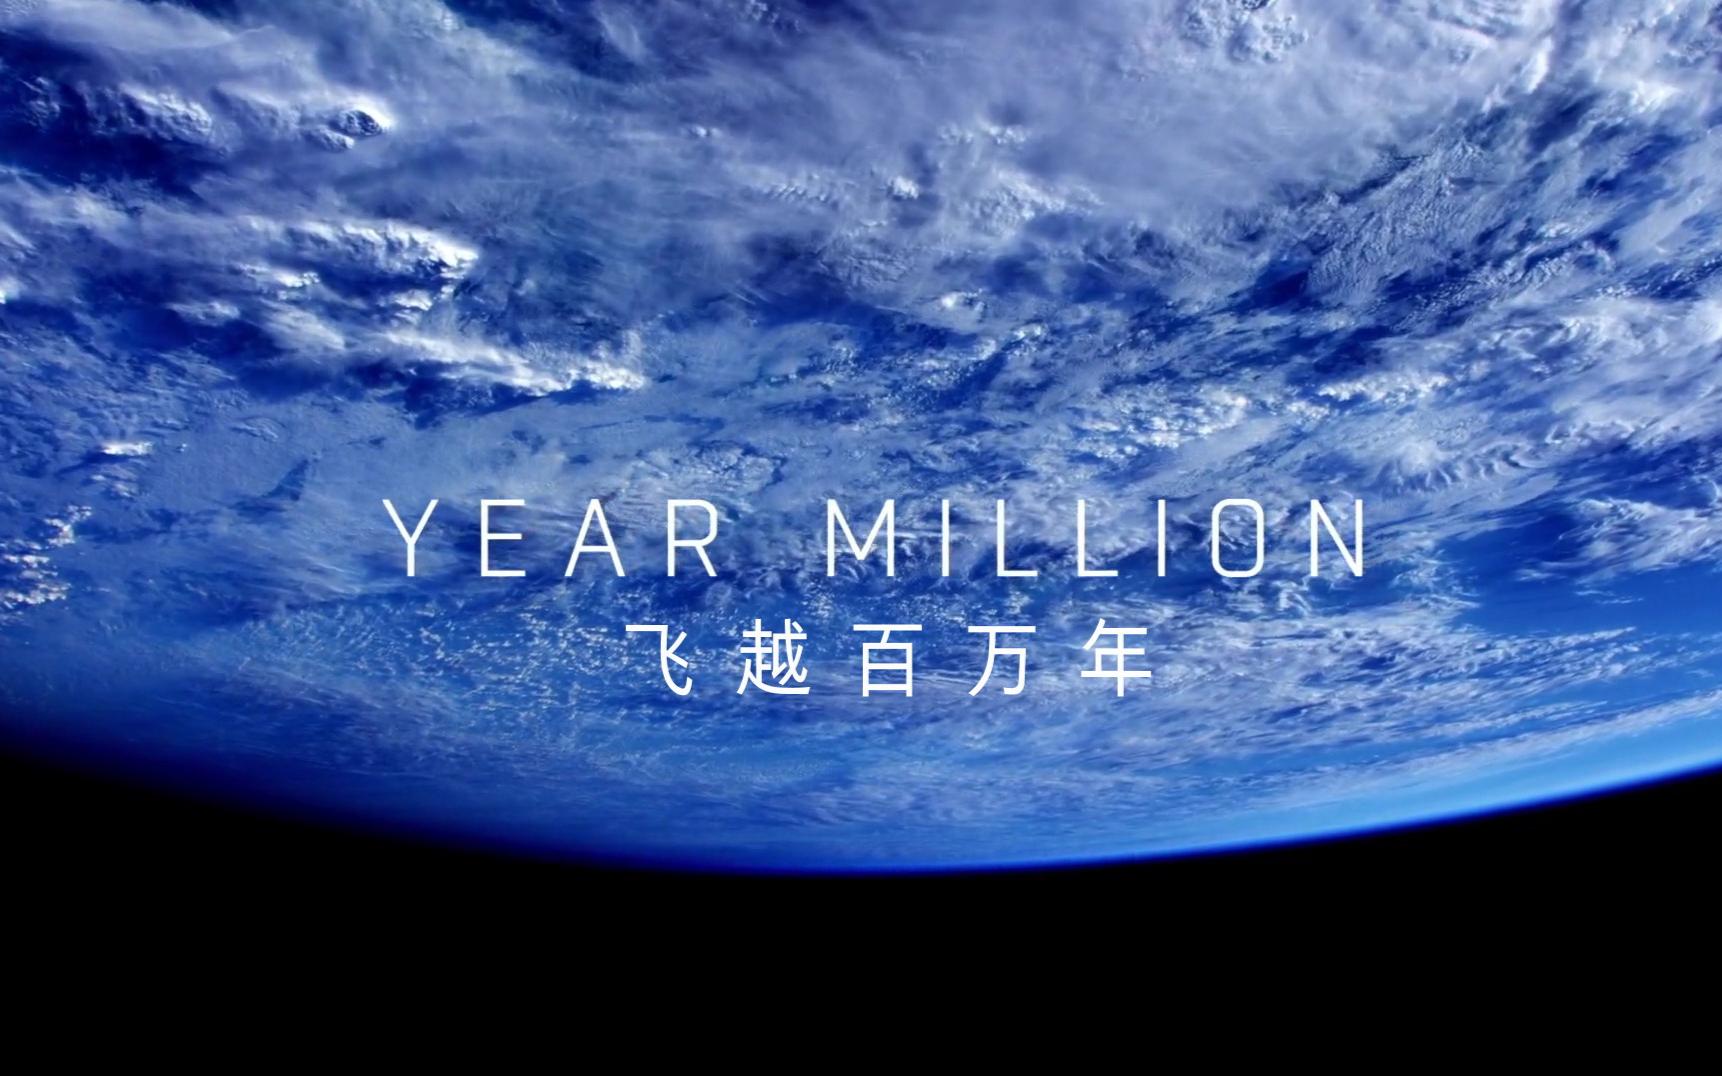 【纪录片】飞越百万年 3 虚拟人生【1080p】【双语特效字幕】【纪录片之家科技控】